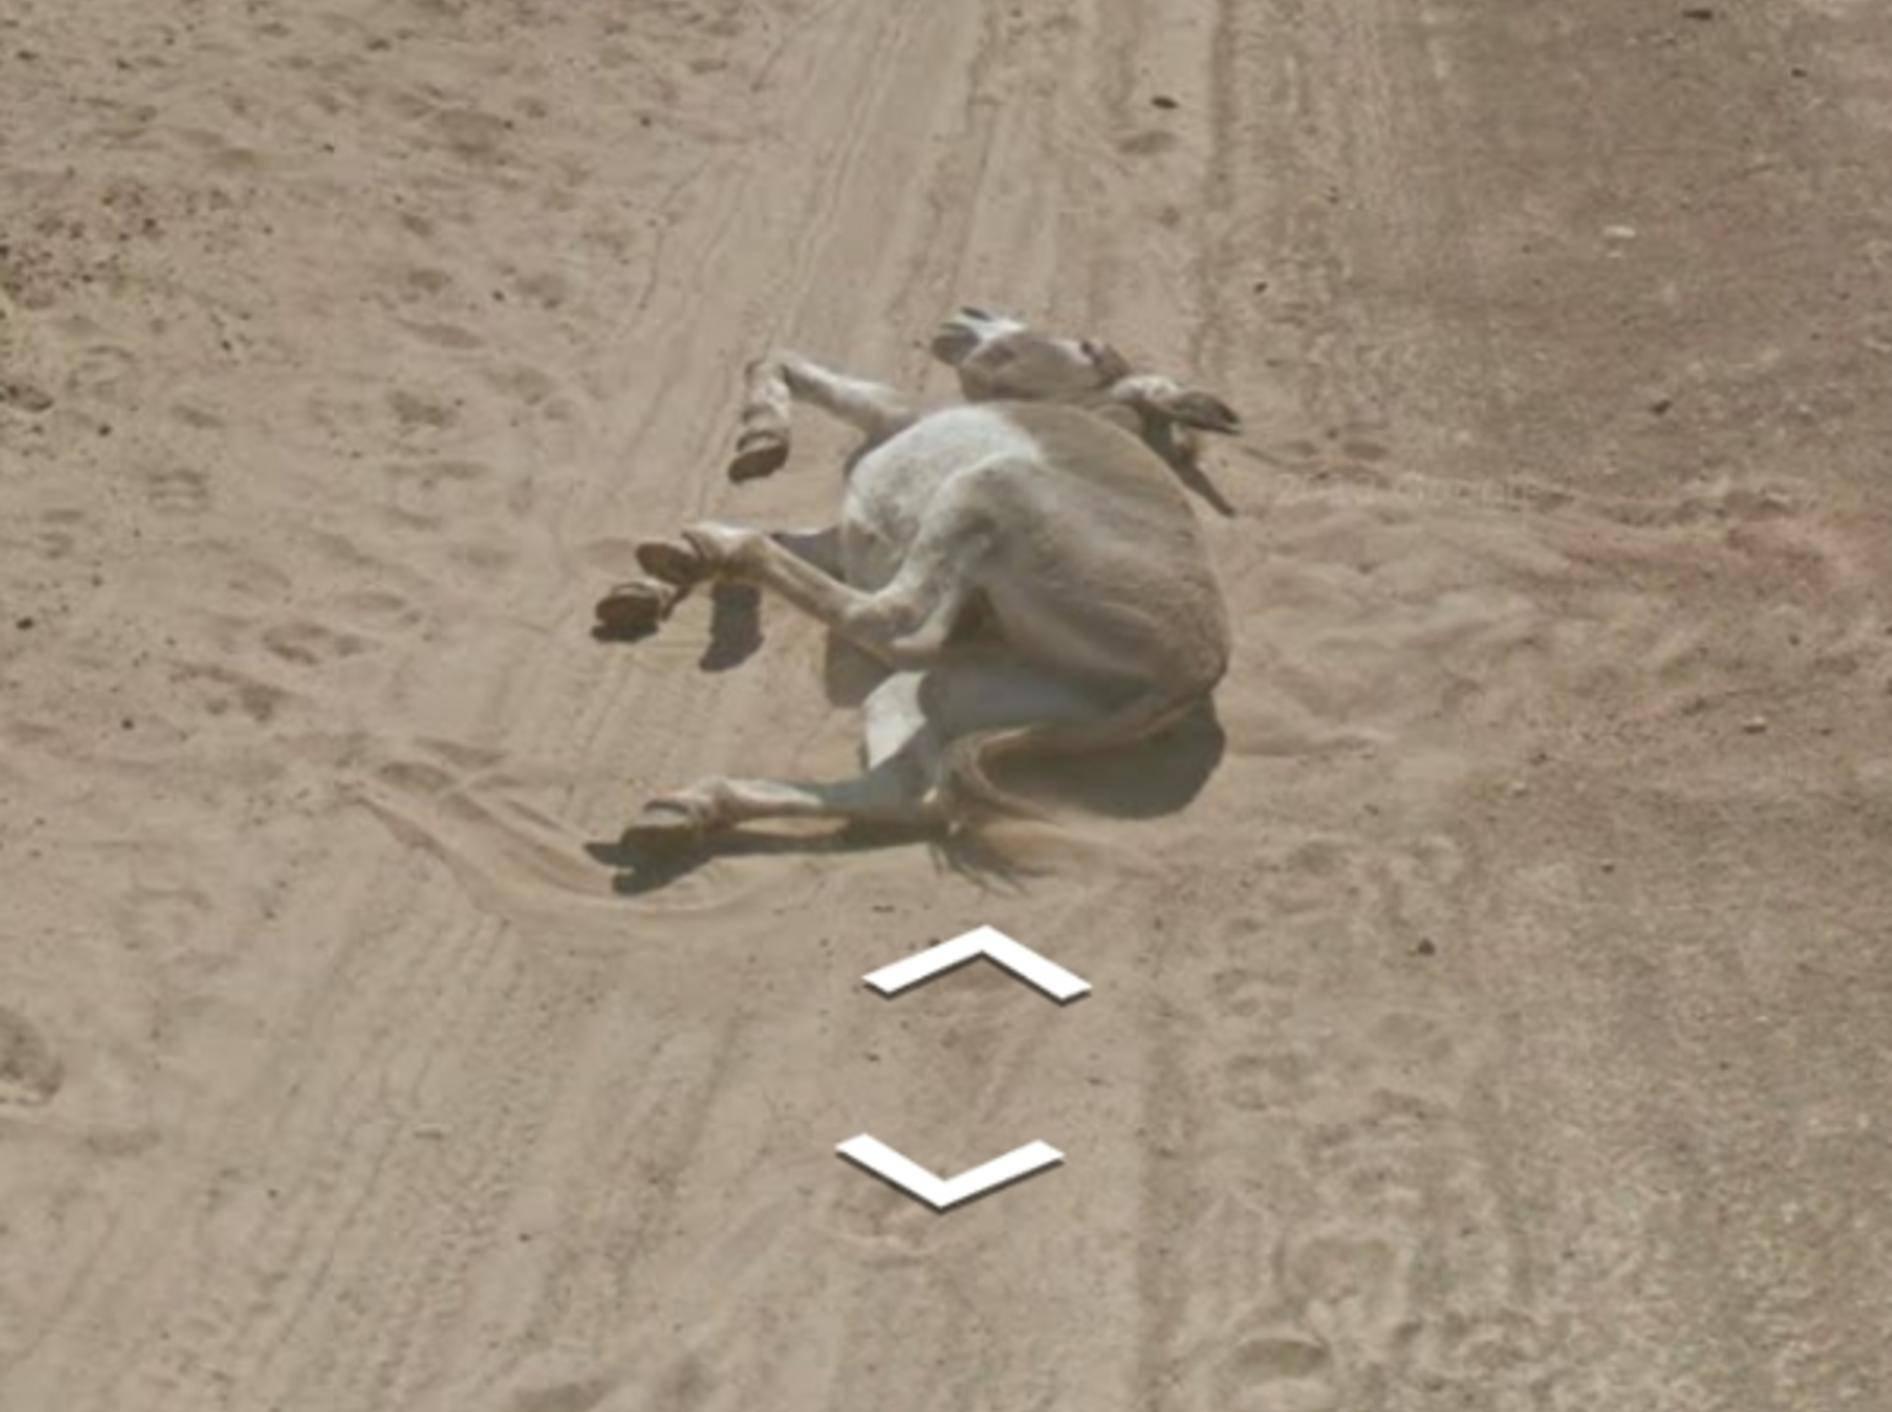 Hier scheint der Esel tot im Staub zu liegen